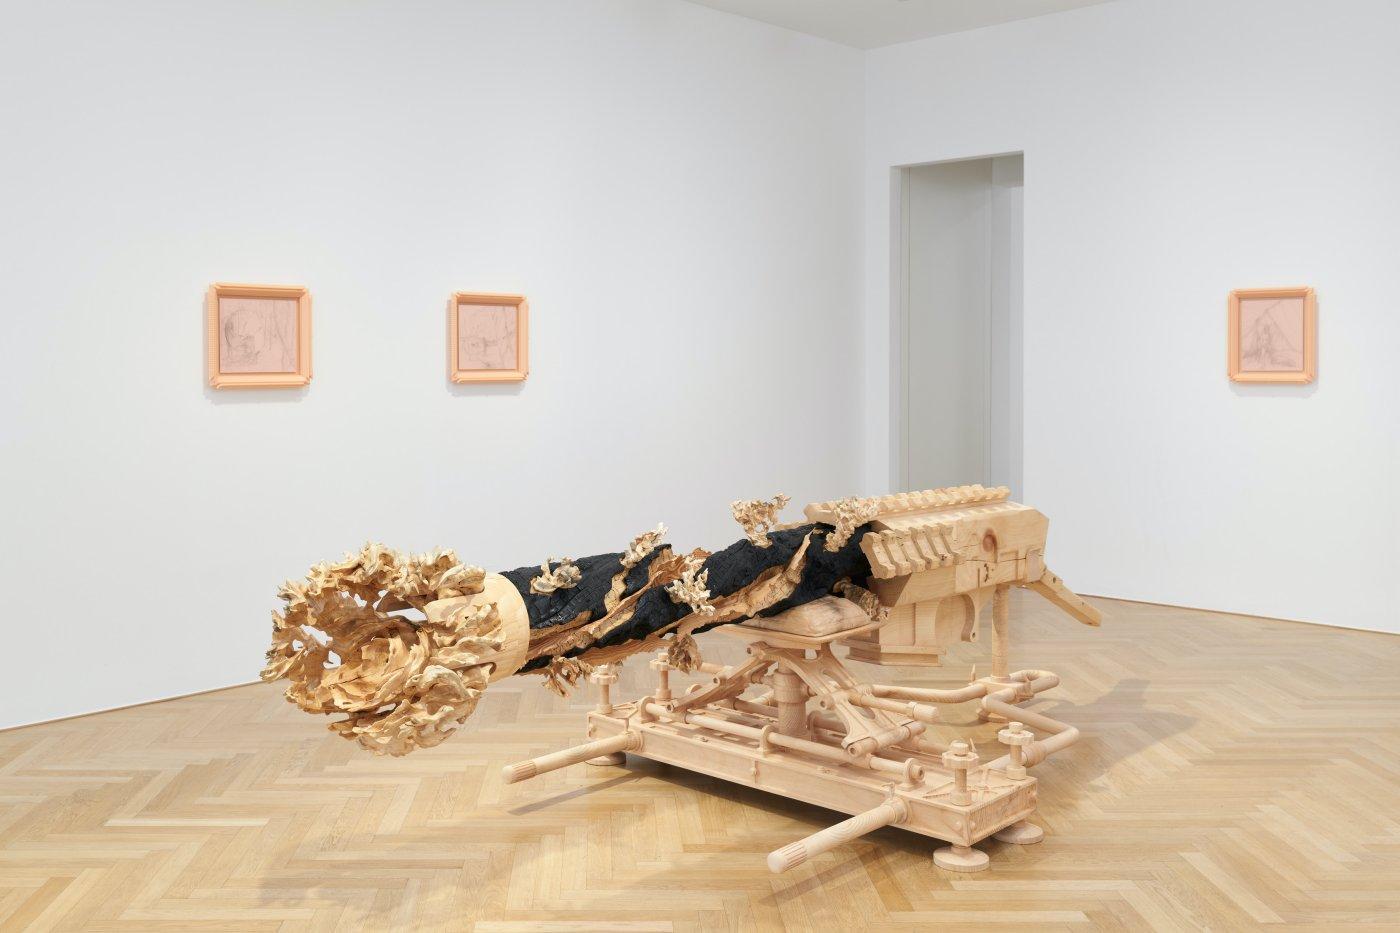 Galerie Max Hetzler Matthew Barney 4